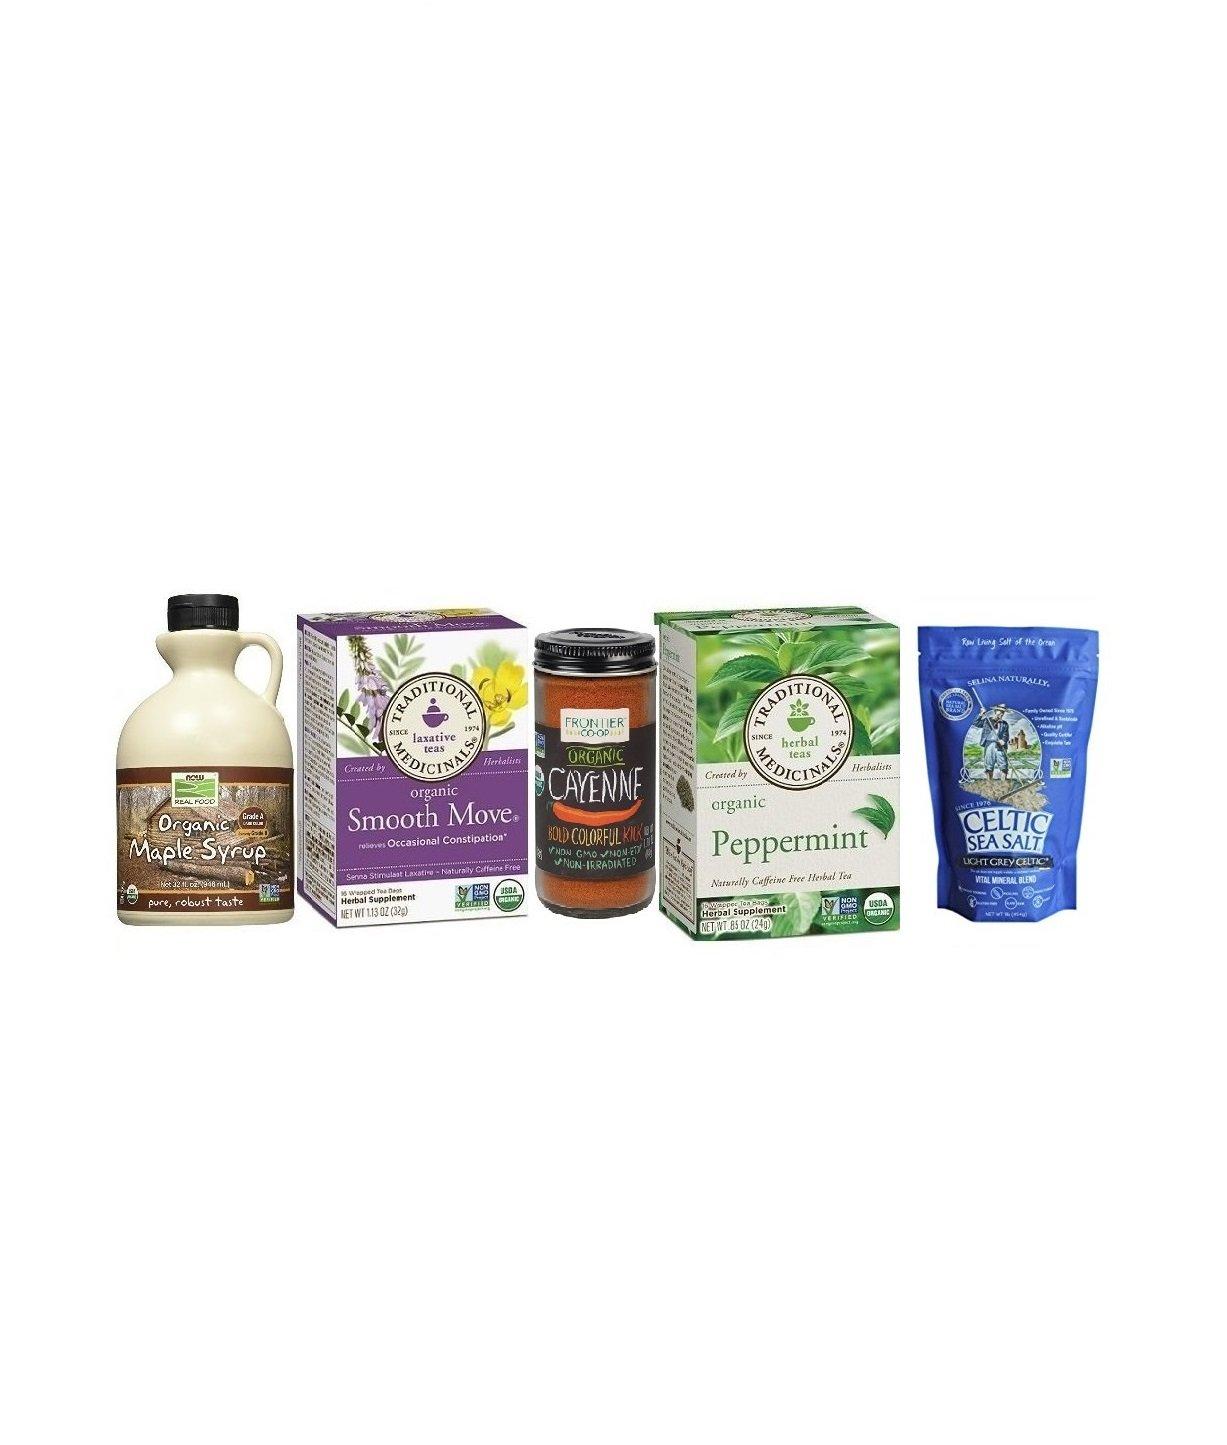 USDA Certified Organic Ingredients Master Cleanse 10 day Kit